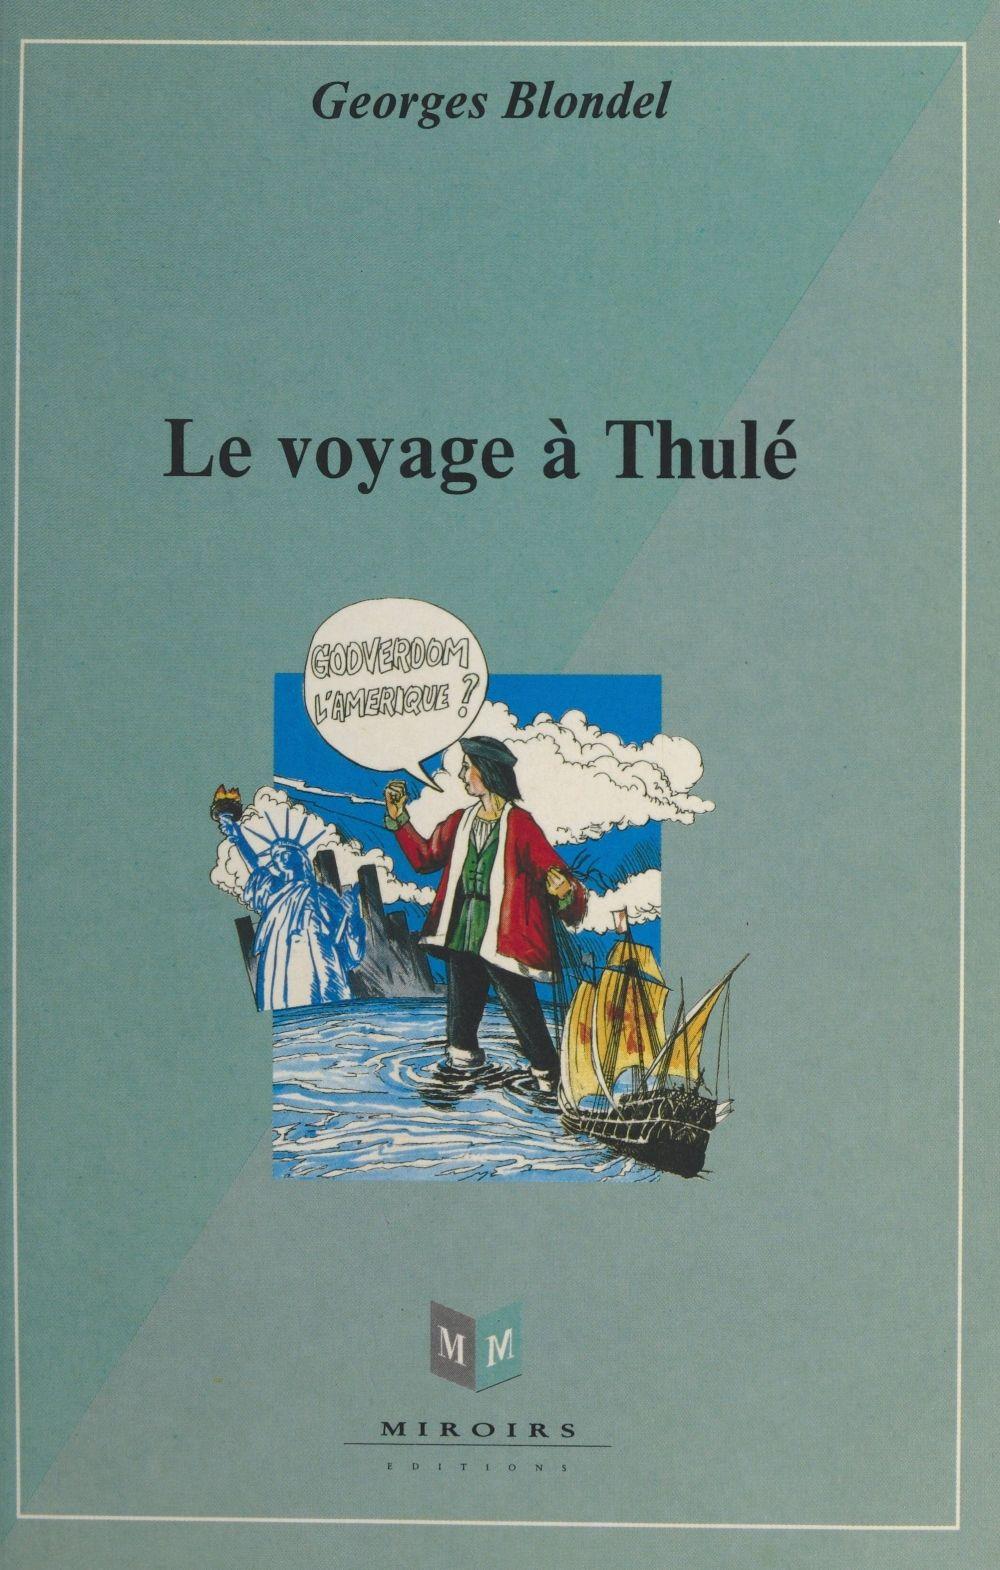 Le voyage a thule